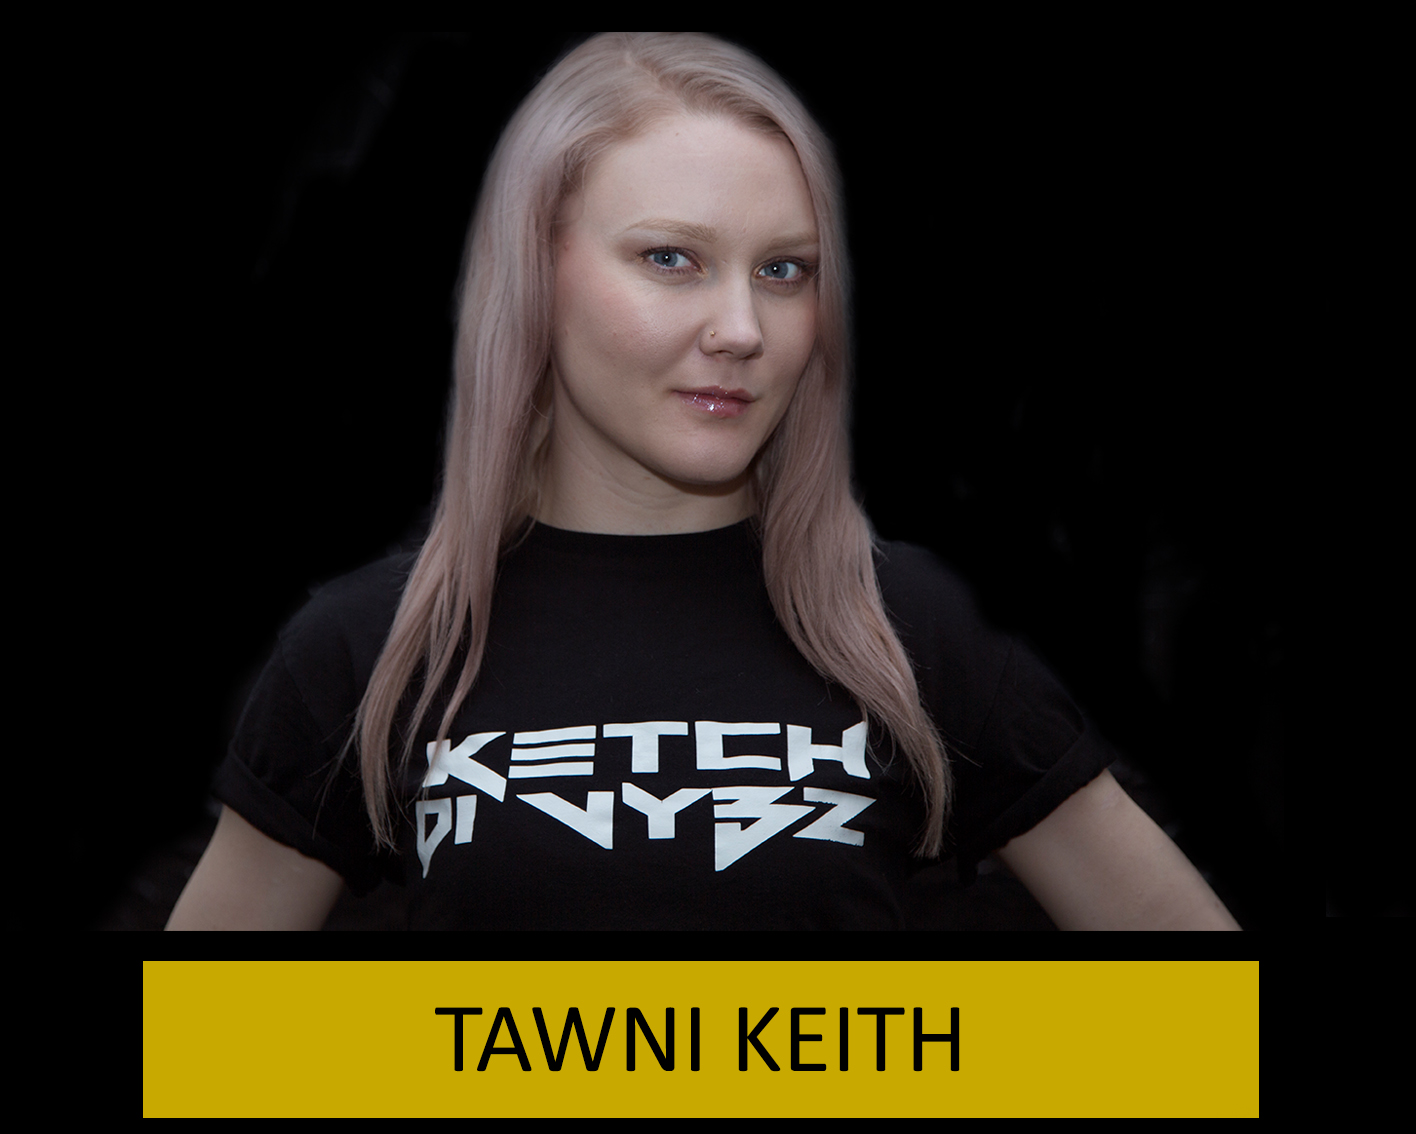 Click to read bio: Tawni